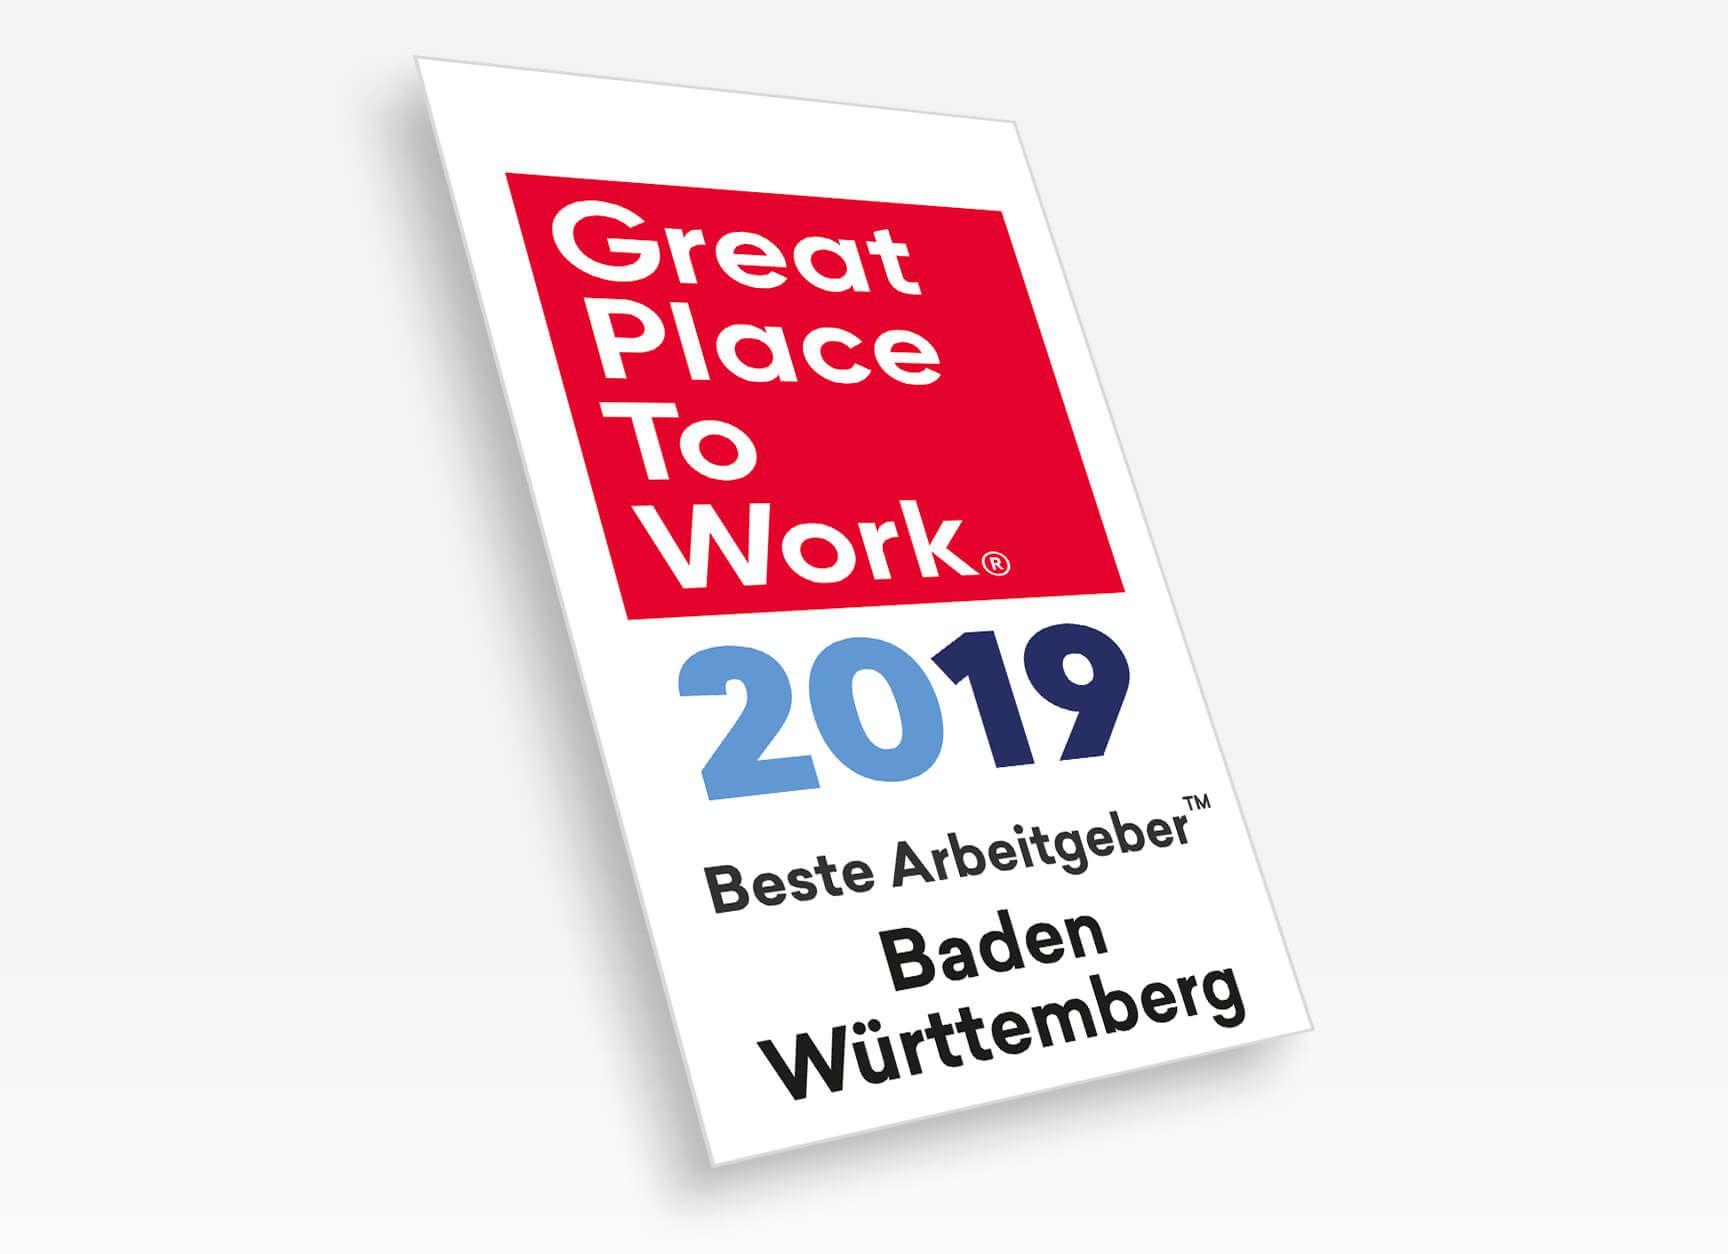 diva-e Stuttgart und Karlsruhe erhalten Great Place to Work® Qualitätssiegel